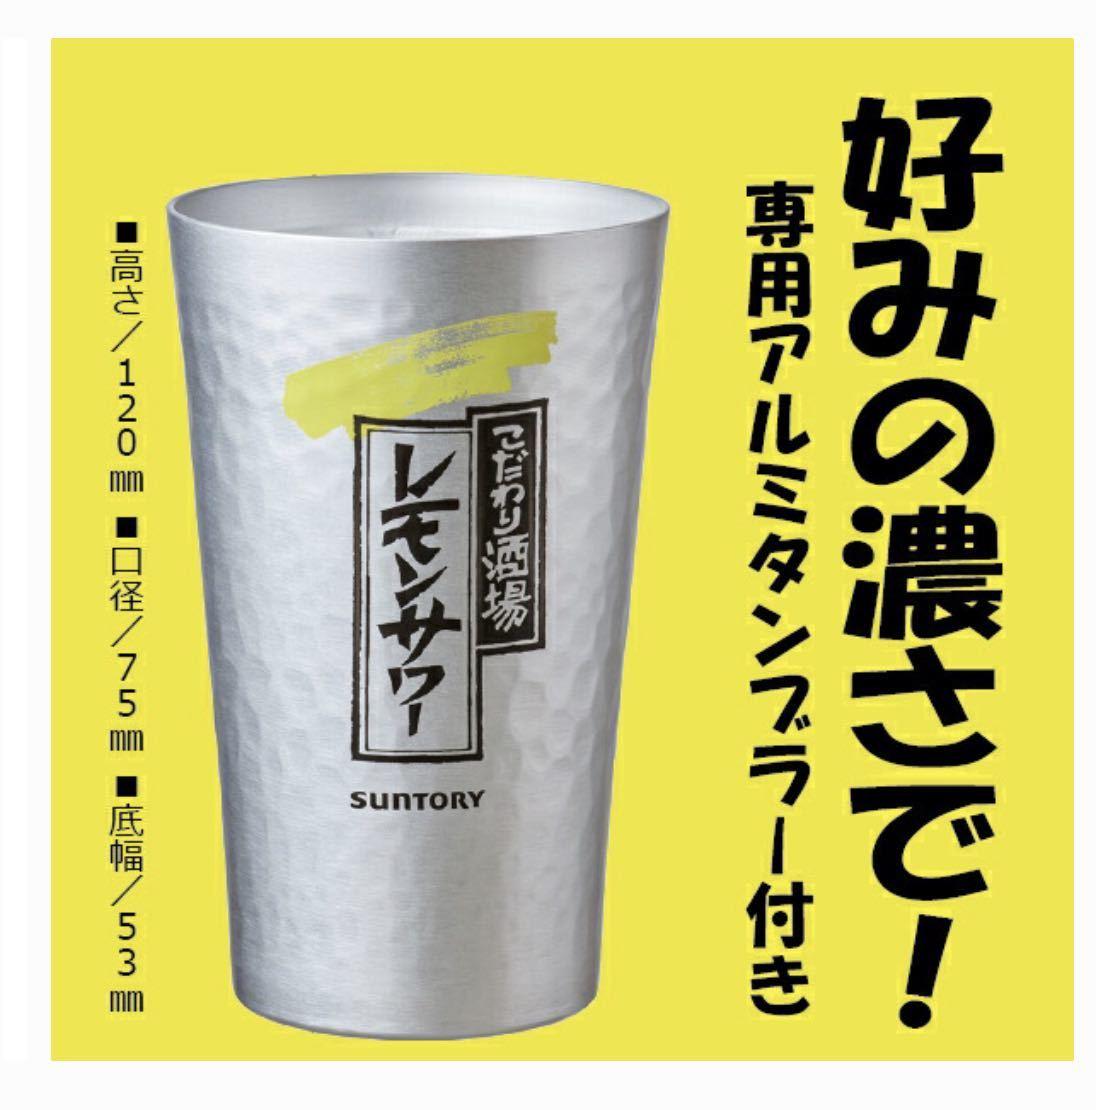 (レ1-116)こだわり酒場のレモンサワーの素 濃いめのレモンサワーの素 タンブラー